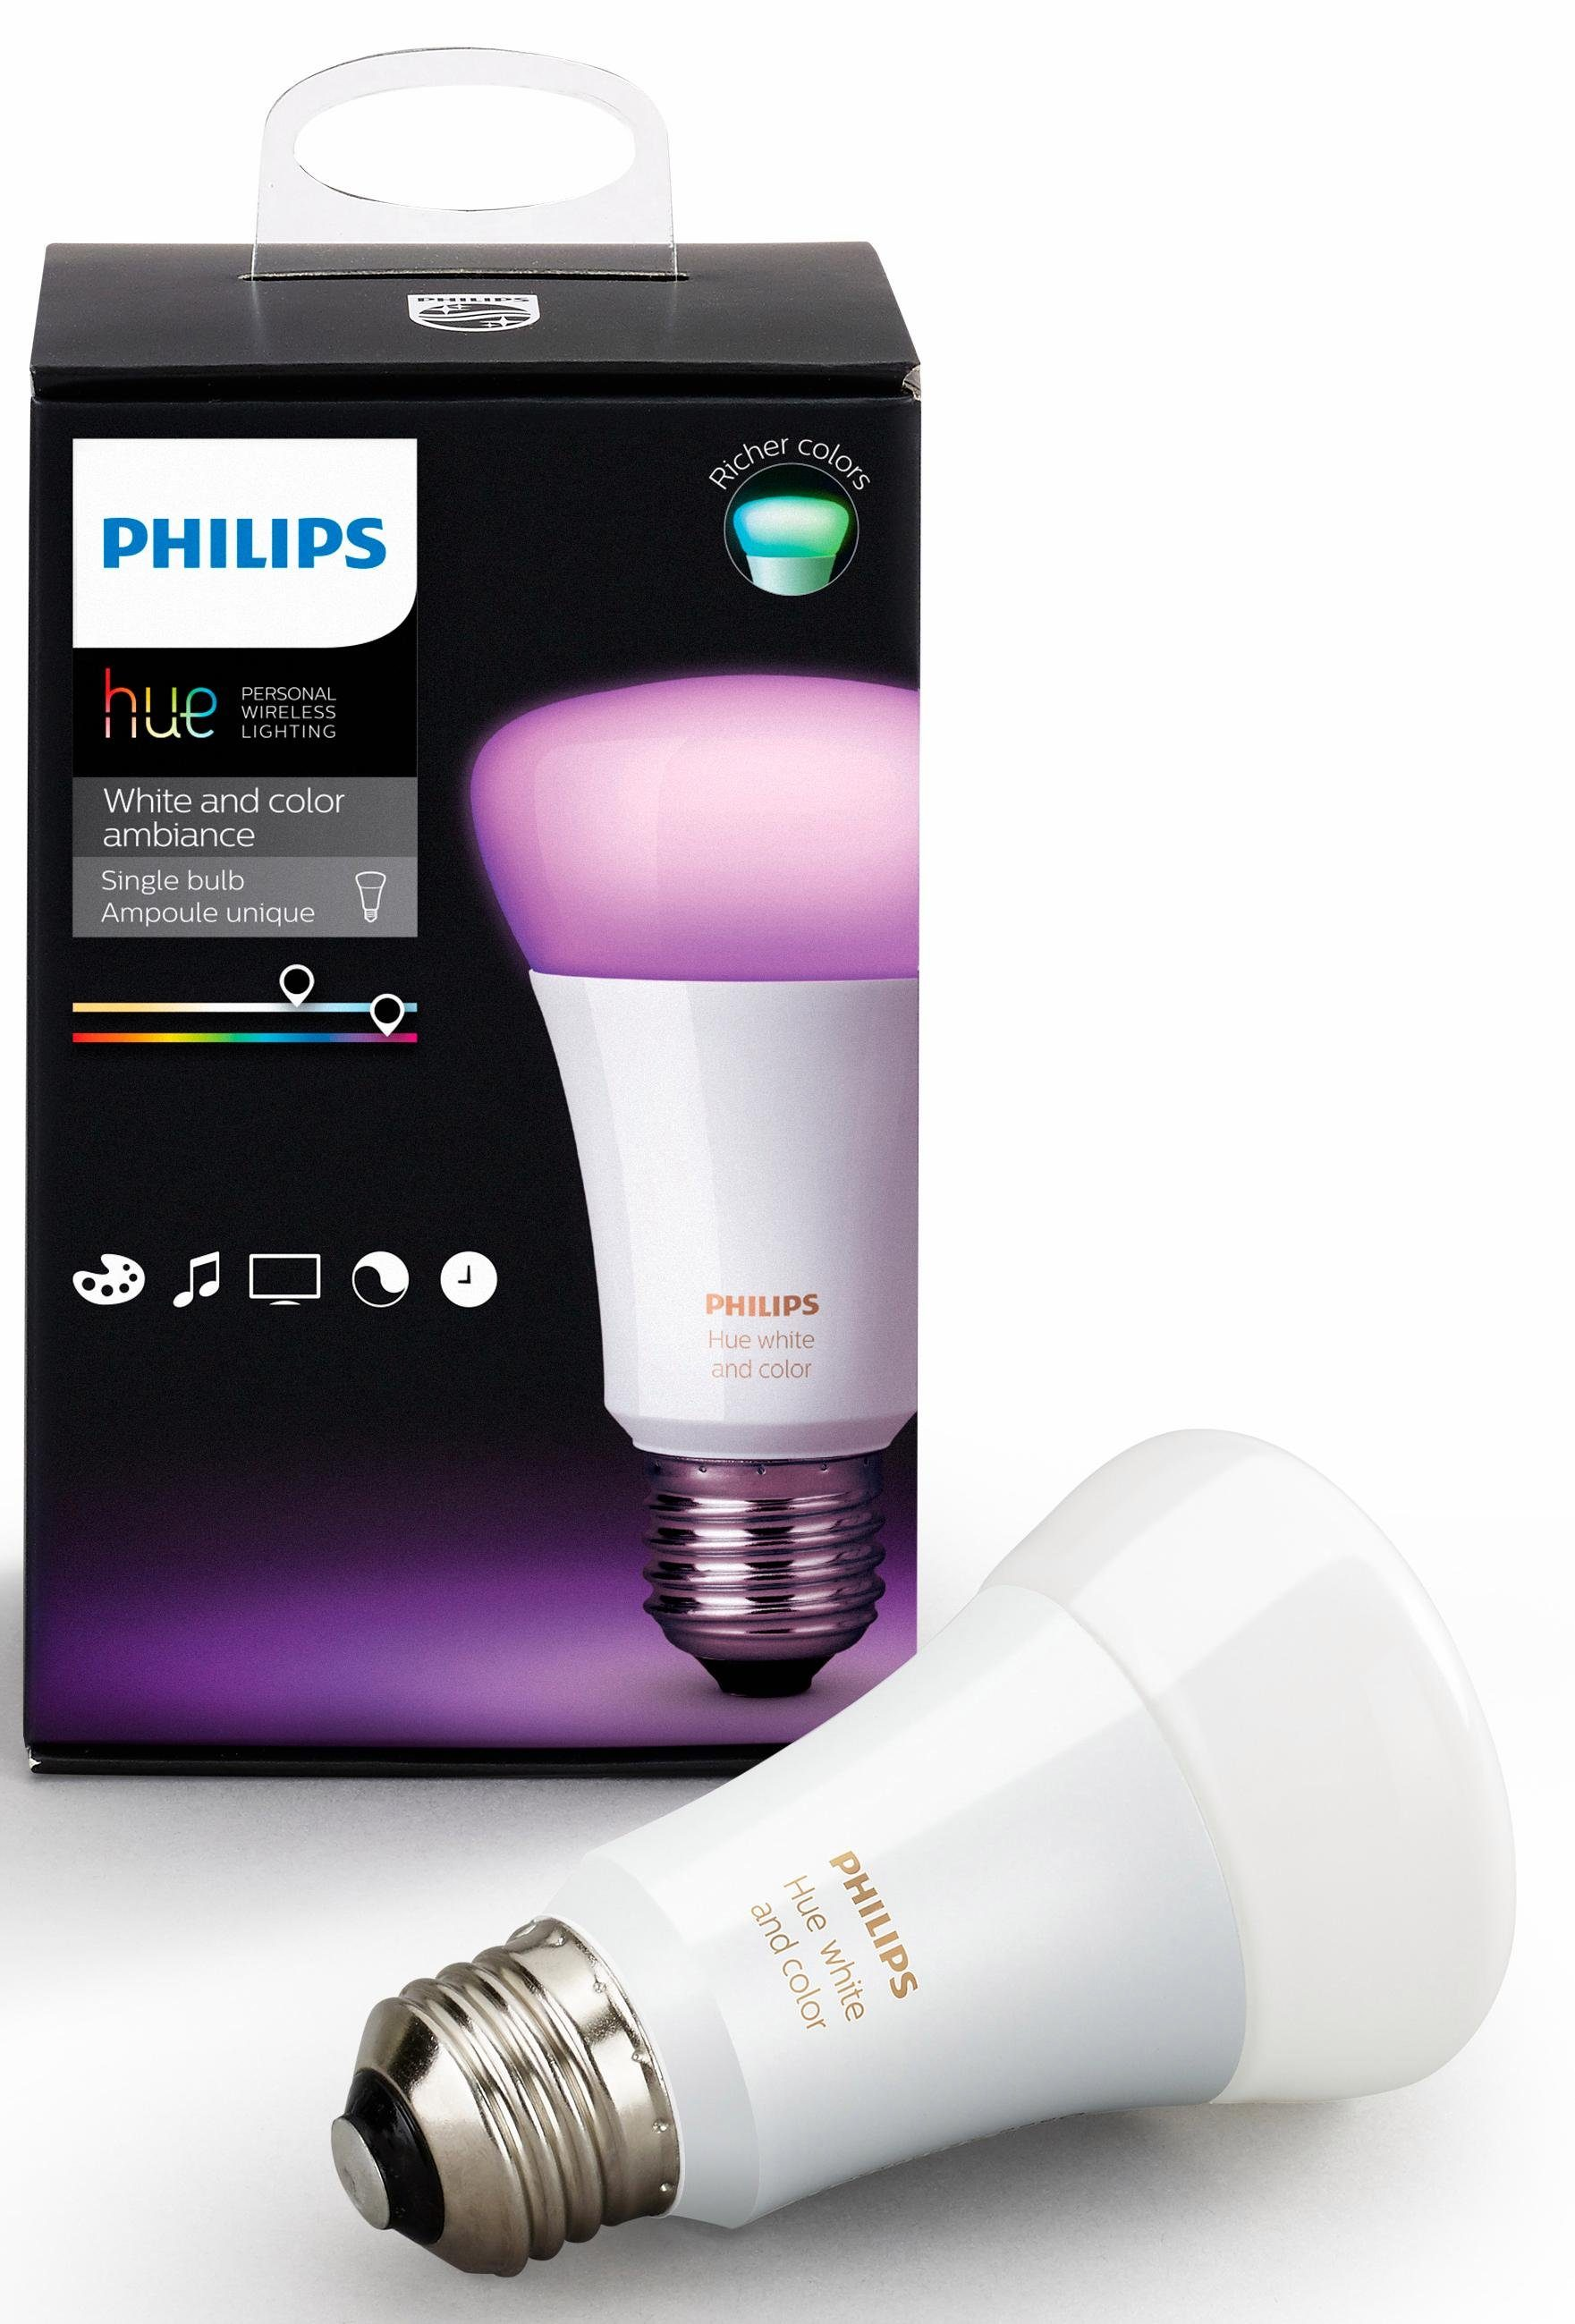 Philips Hue White & Color Ambiance, E27 Erweiterung - weiß und farbig - smartes LED-Lichtsystem mit App-Steuerung